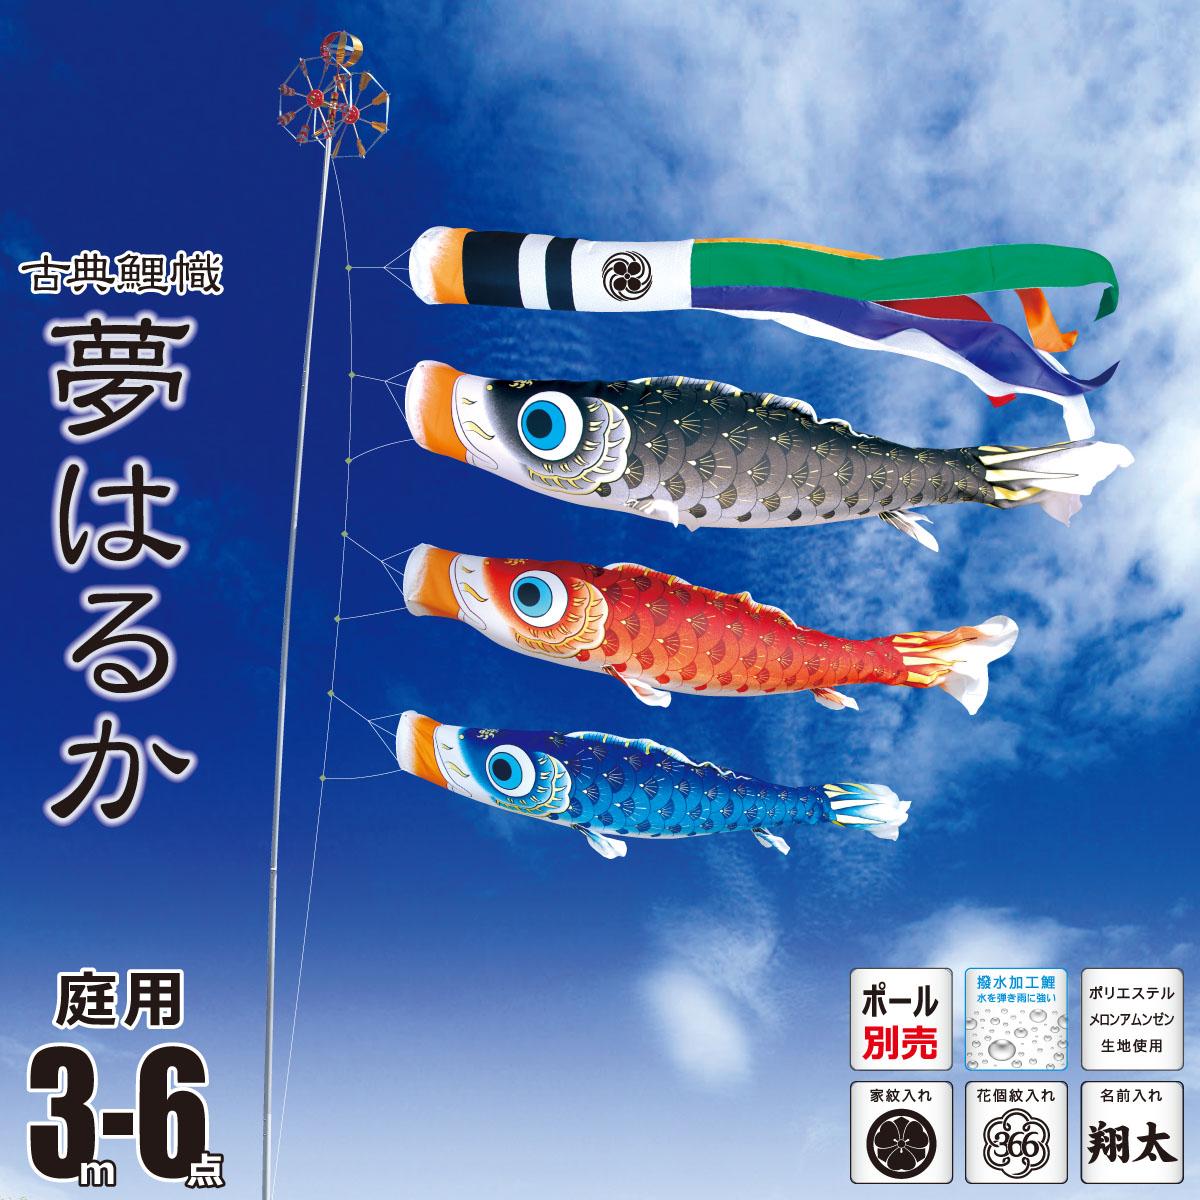 こいのぼり 3m 夢はるか 6点 (矢車、ロープ、吹流し、鯉3匹) 庭園用 (ポール別売り) 徳永鯉のぼり KIT-001-621